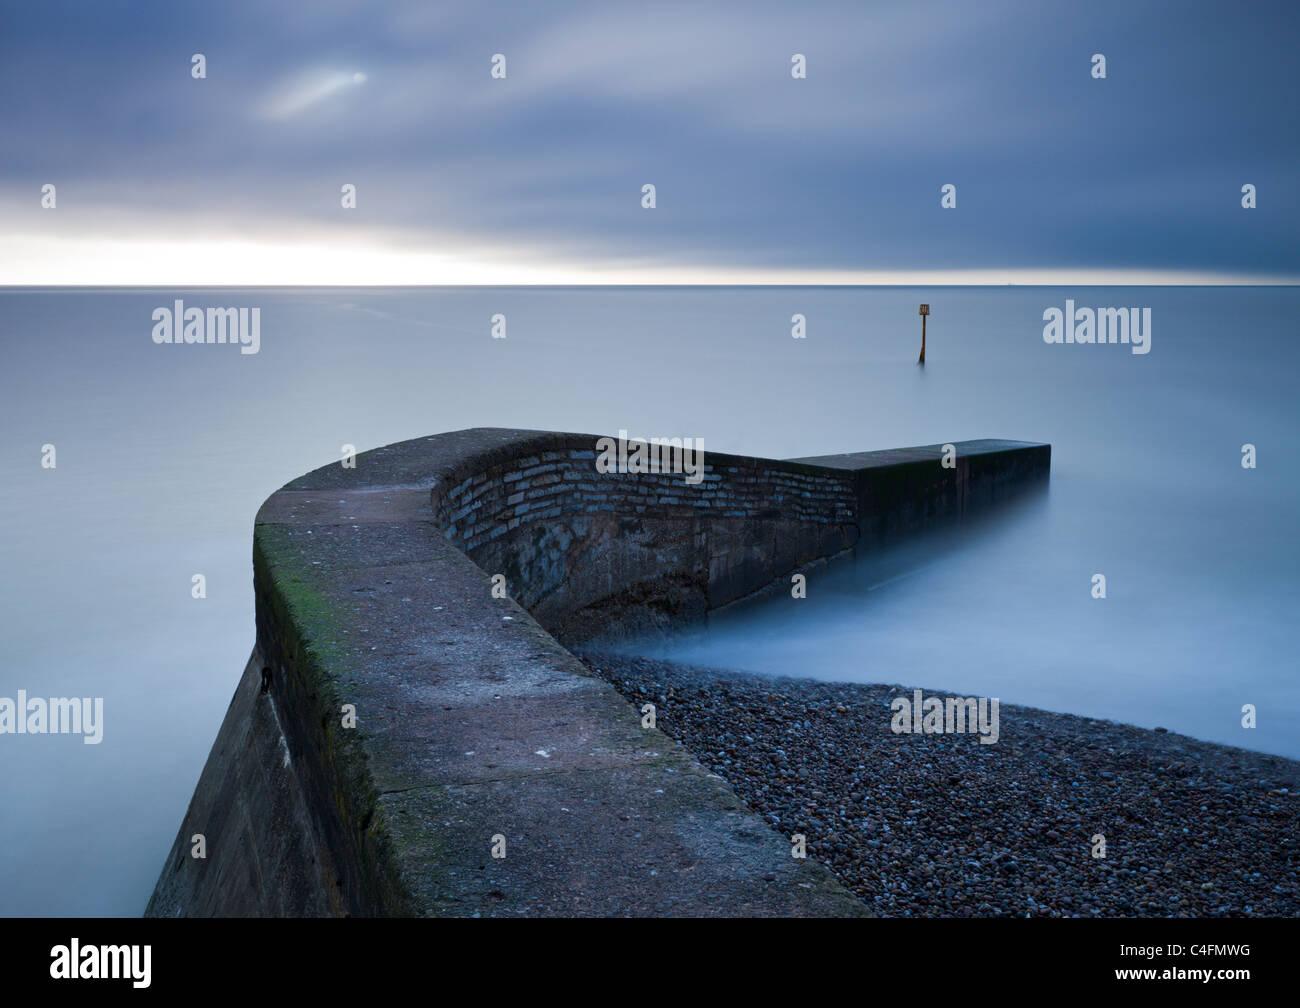 Pontile di pietra sul lungomare a Sidmouth, nel Devon, in Inghilterra. Inverno (febbraio) 2011. Immagini Stock